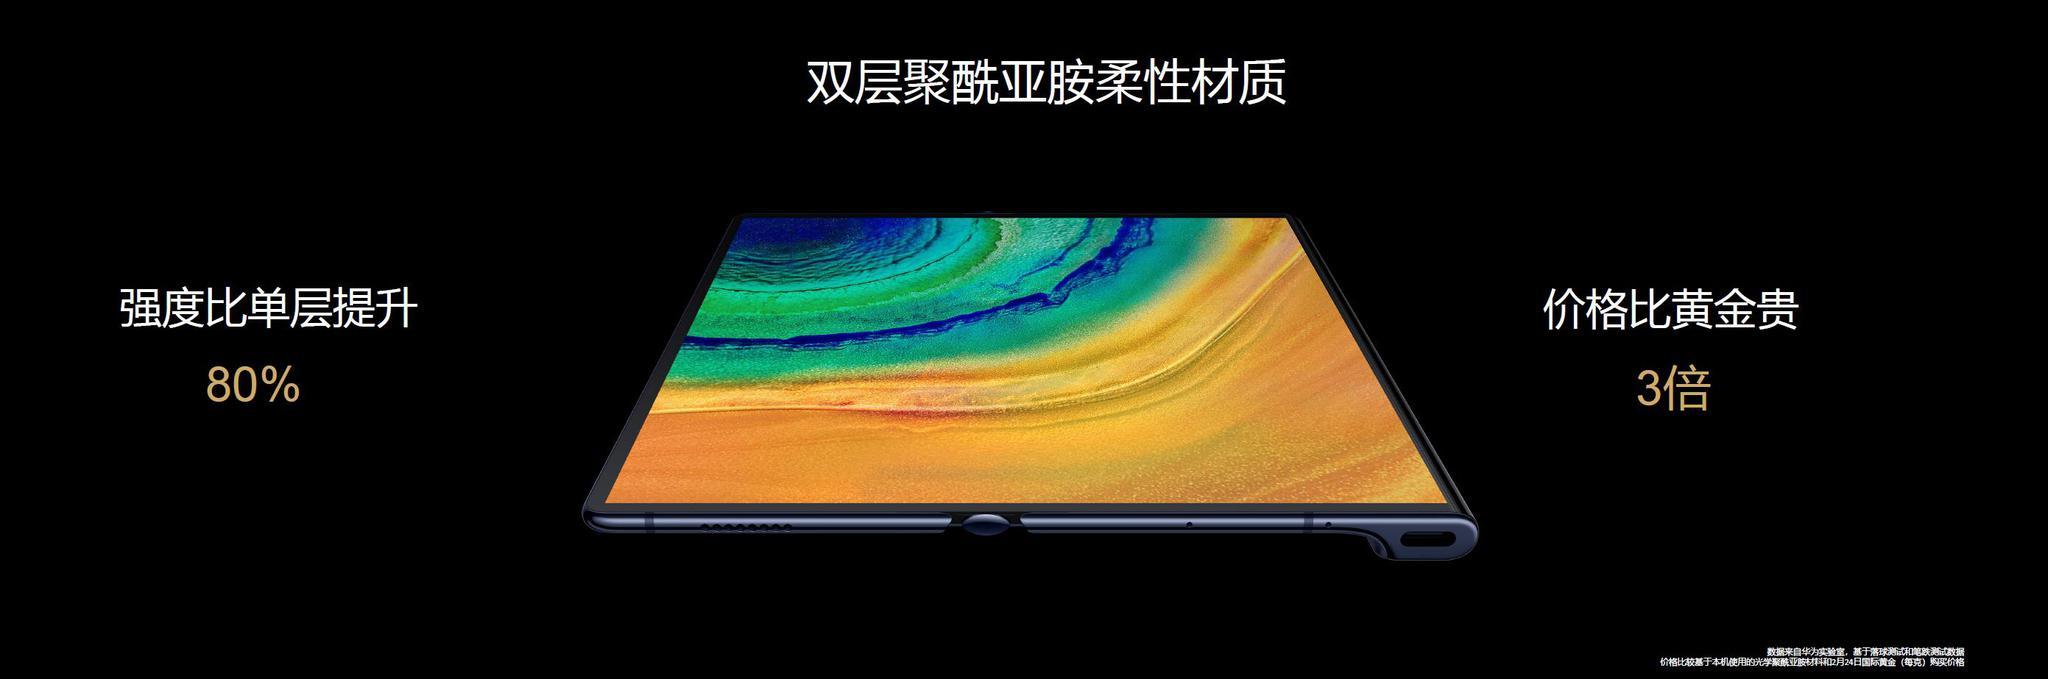 「蓝冠」华为蓝冠发布第二款折叠屏手机MateXs图片